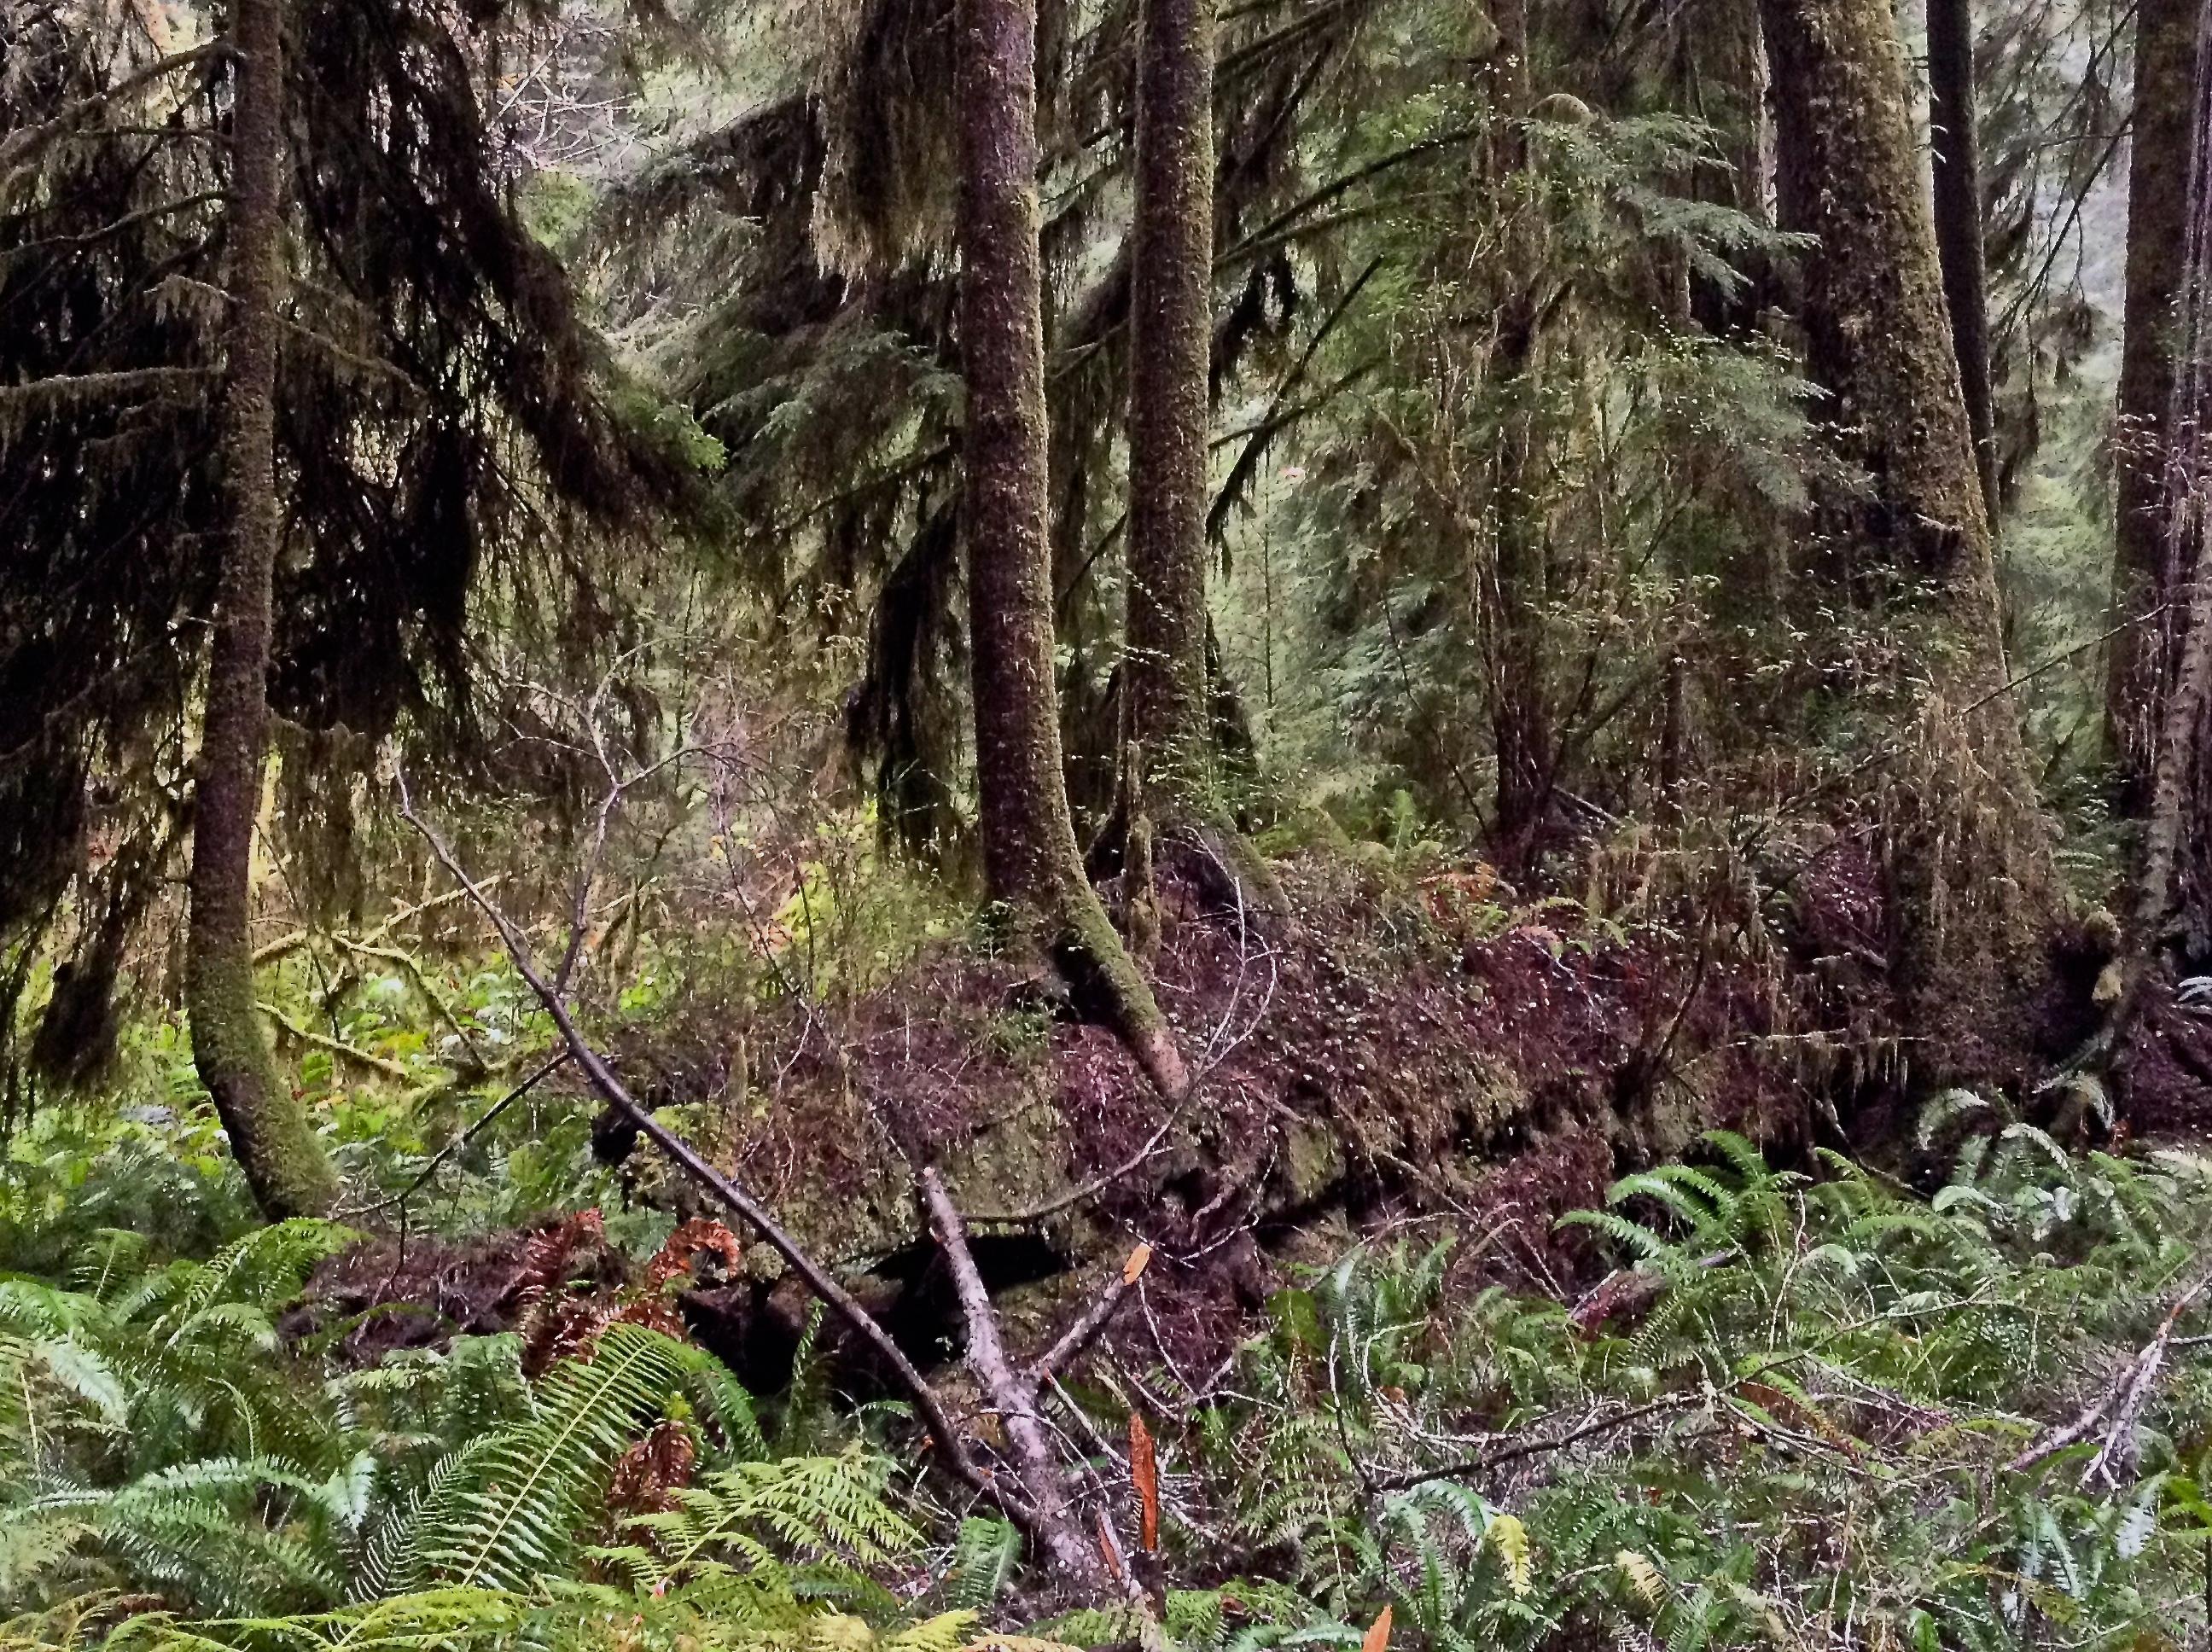 картинки лесного сообщества должна будет защитить